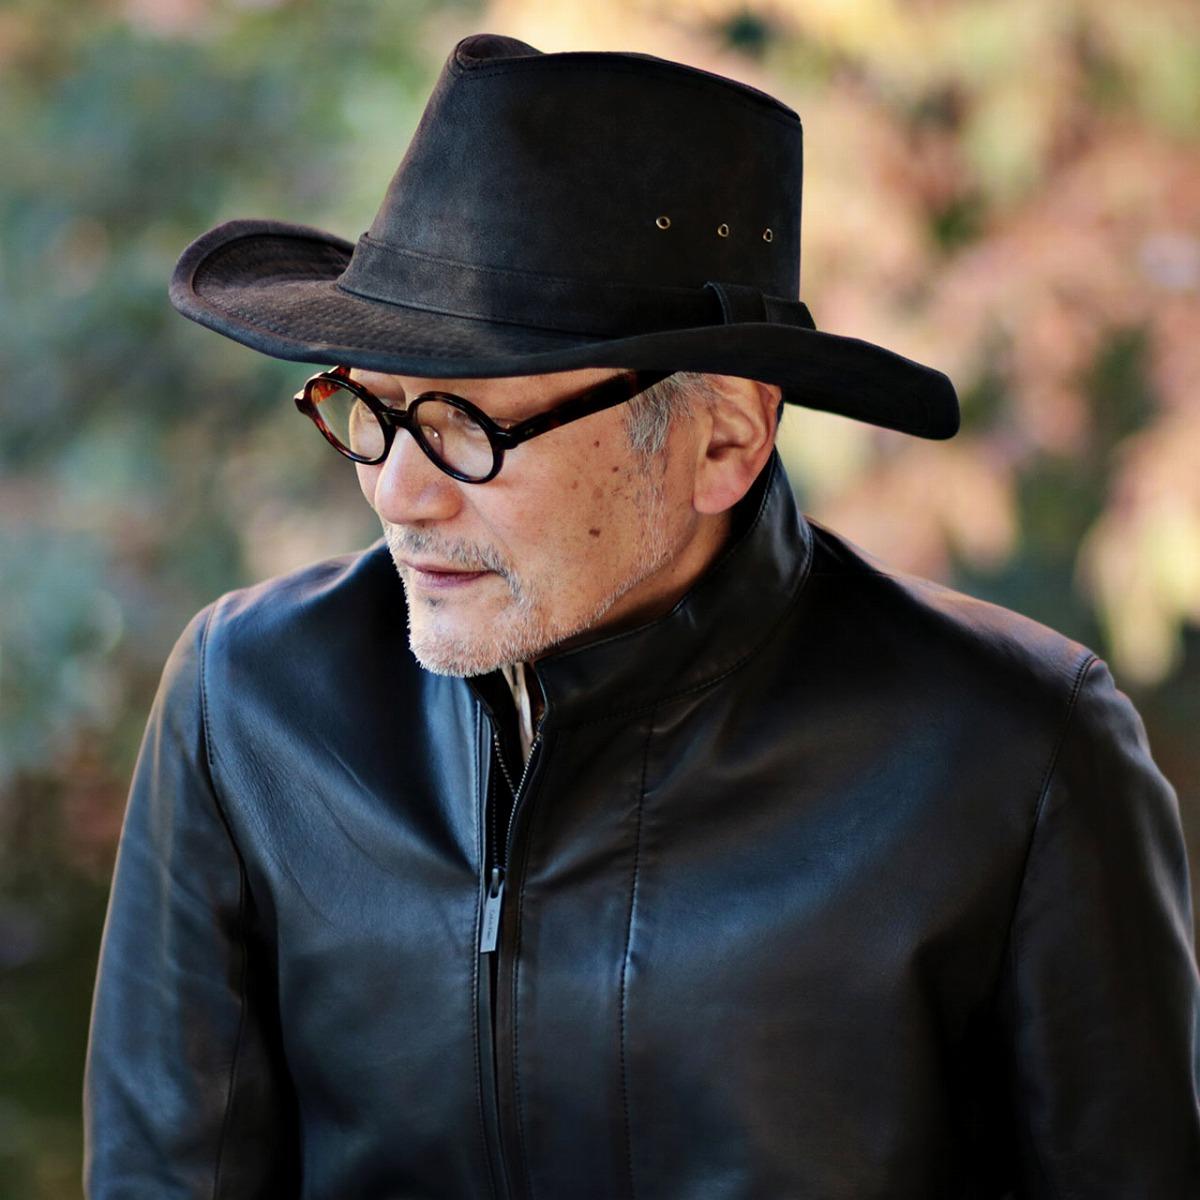 ドーフマンパシフィック 帽子 フェイクレザー ハット 秋冬 メンズ つば広 カウボーイハット レザー フェイク 大きいサイズ ワイヤー入りつば 黒 テンガロン アウトバック ハット 渋い 大人 小物 ブラック [ cowboy hat ]